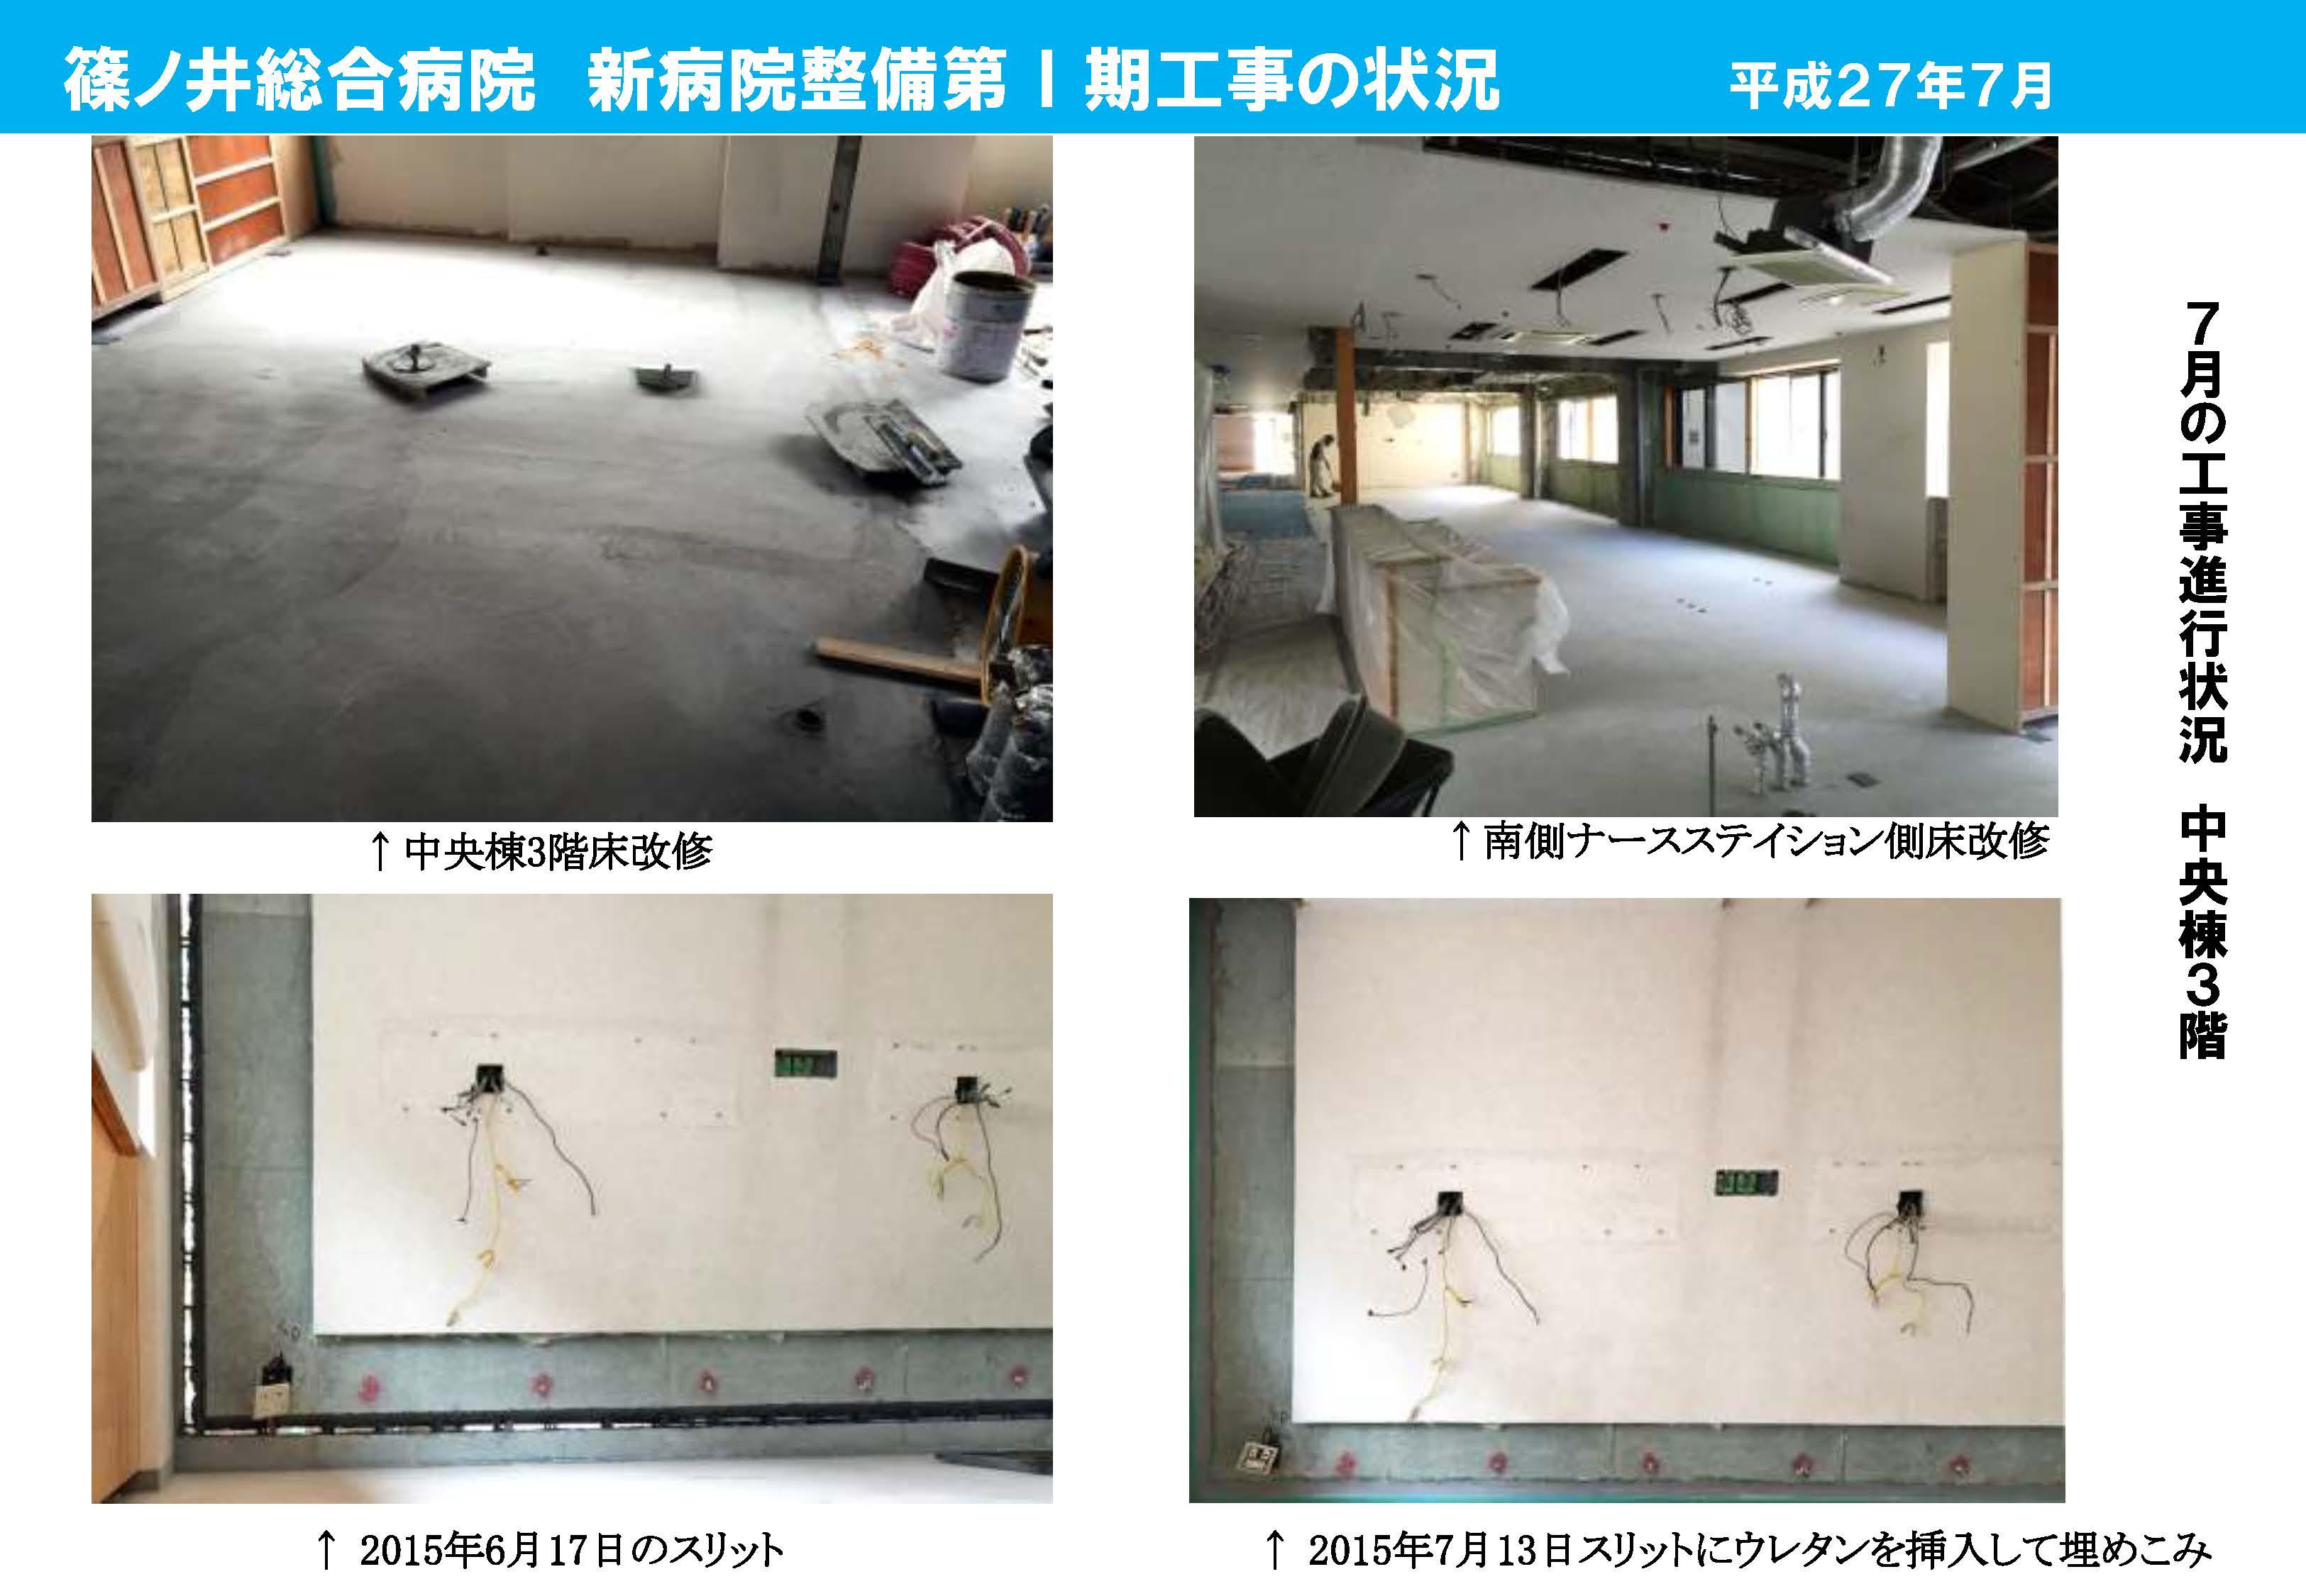 工事写真ニュース201507.1_ページ_2